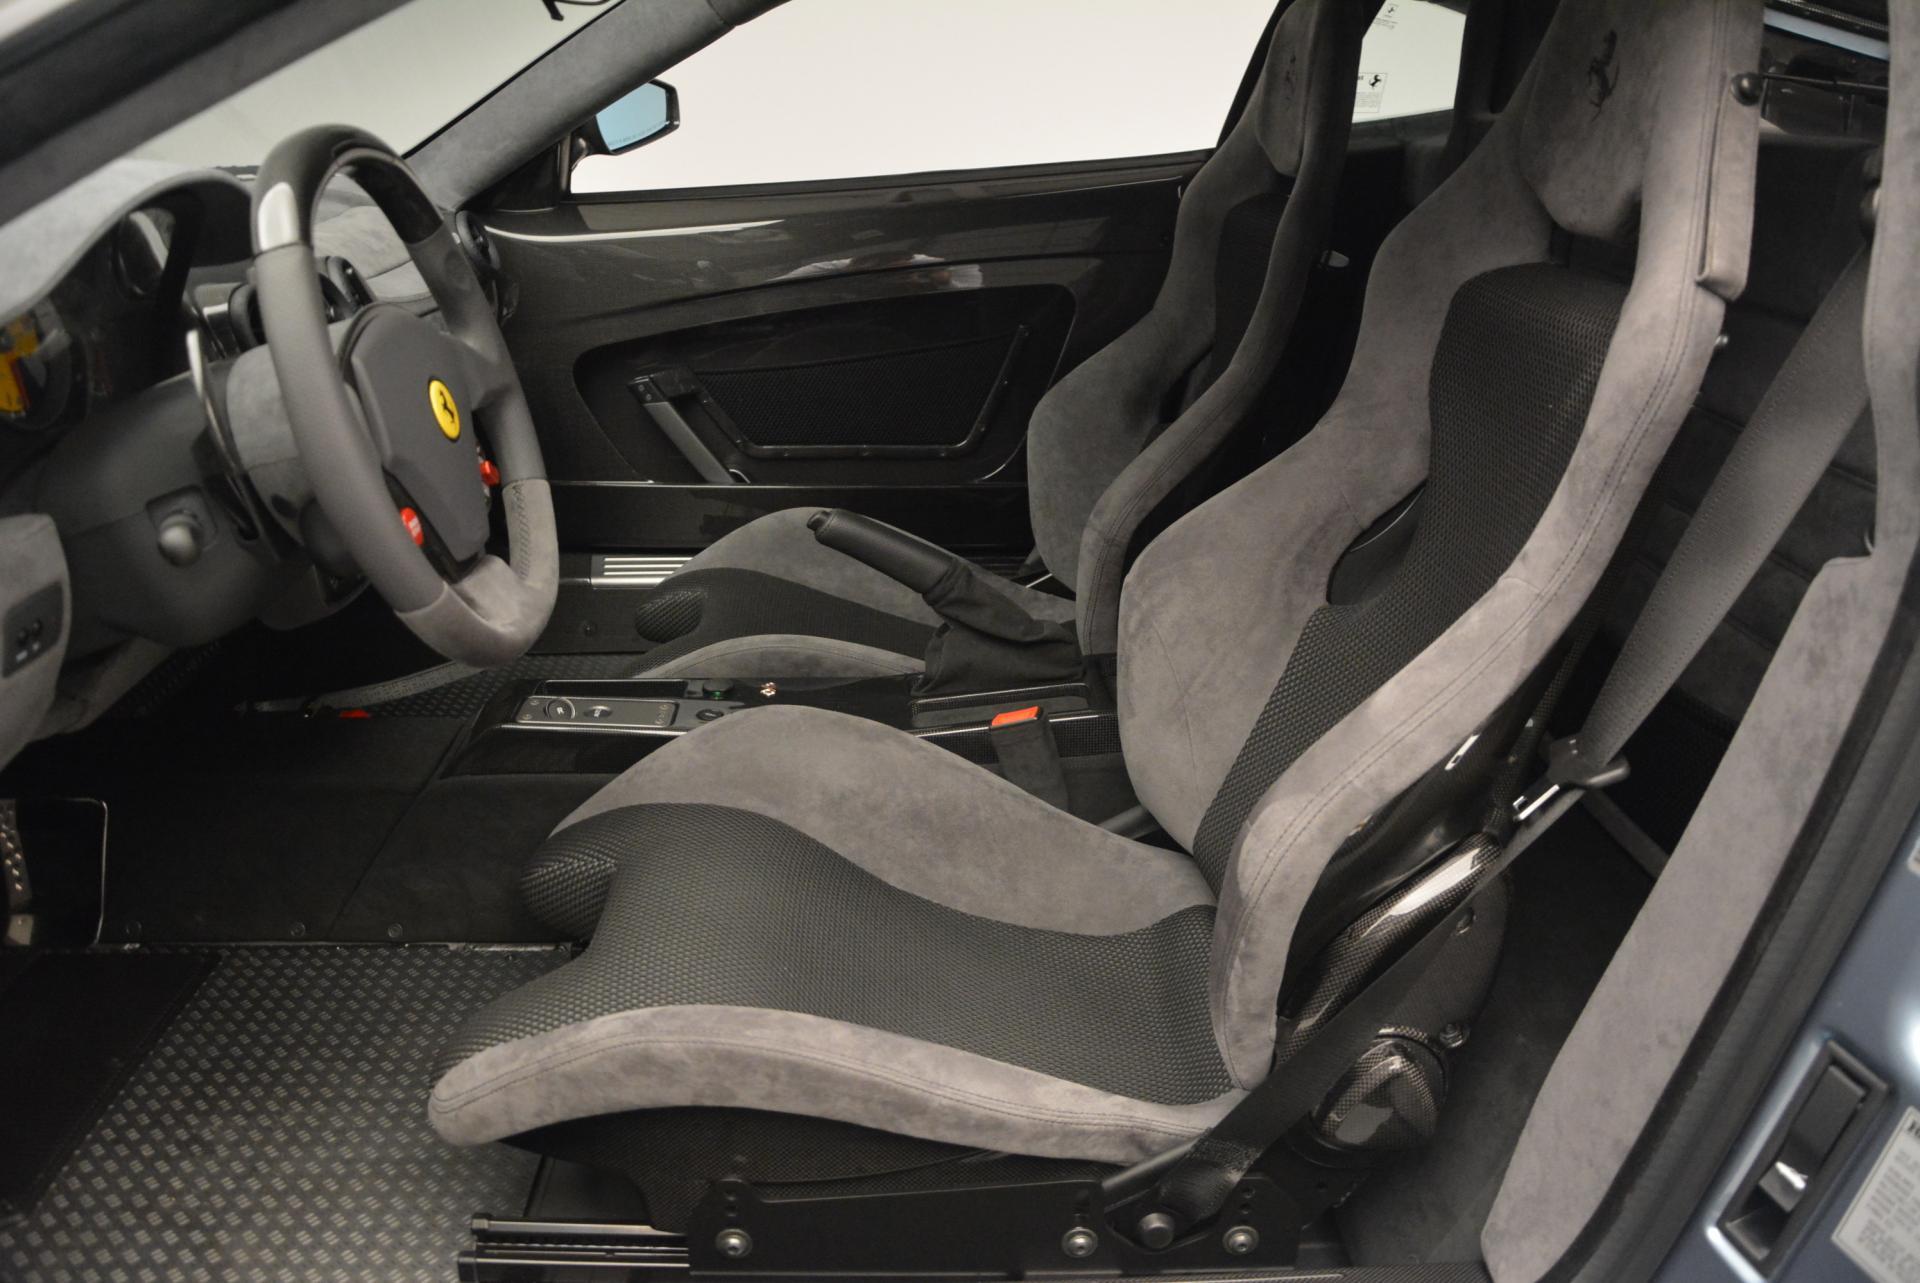 Used 2008 Ferrari F430 Scuderia For Sale In Greenwich, CT 146_p15